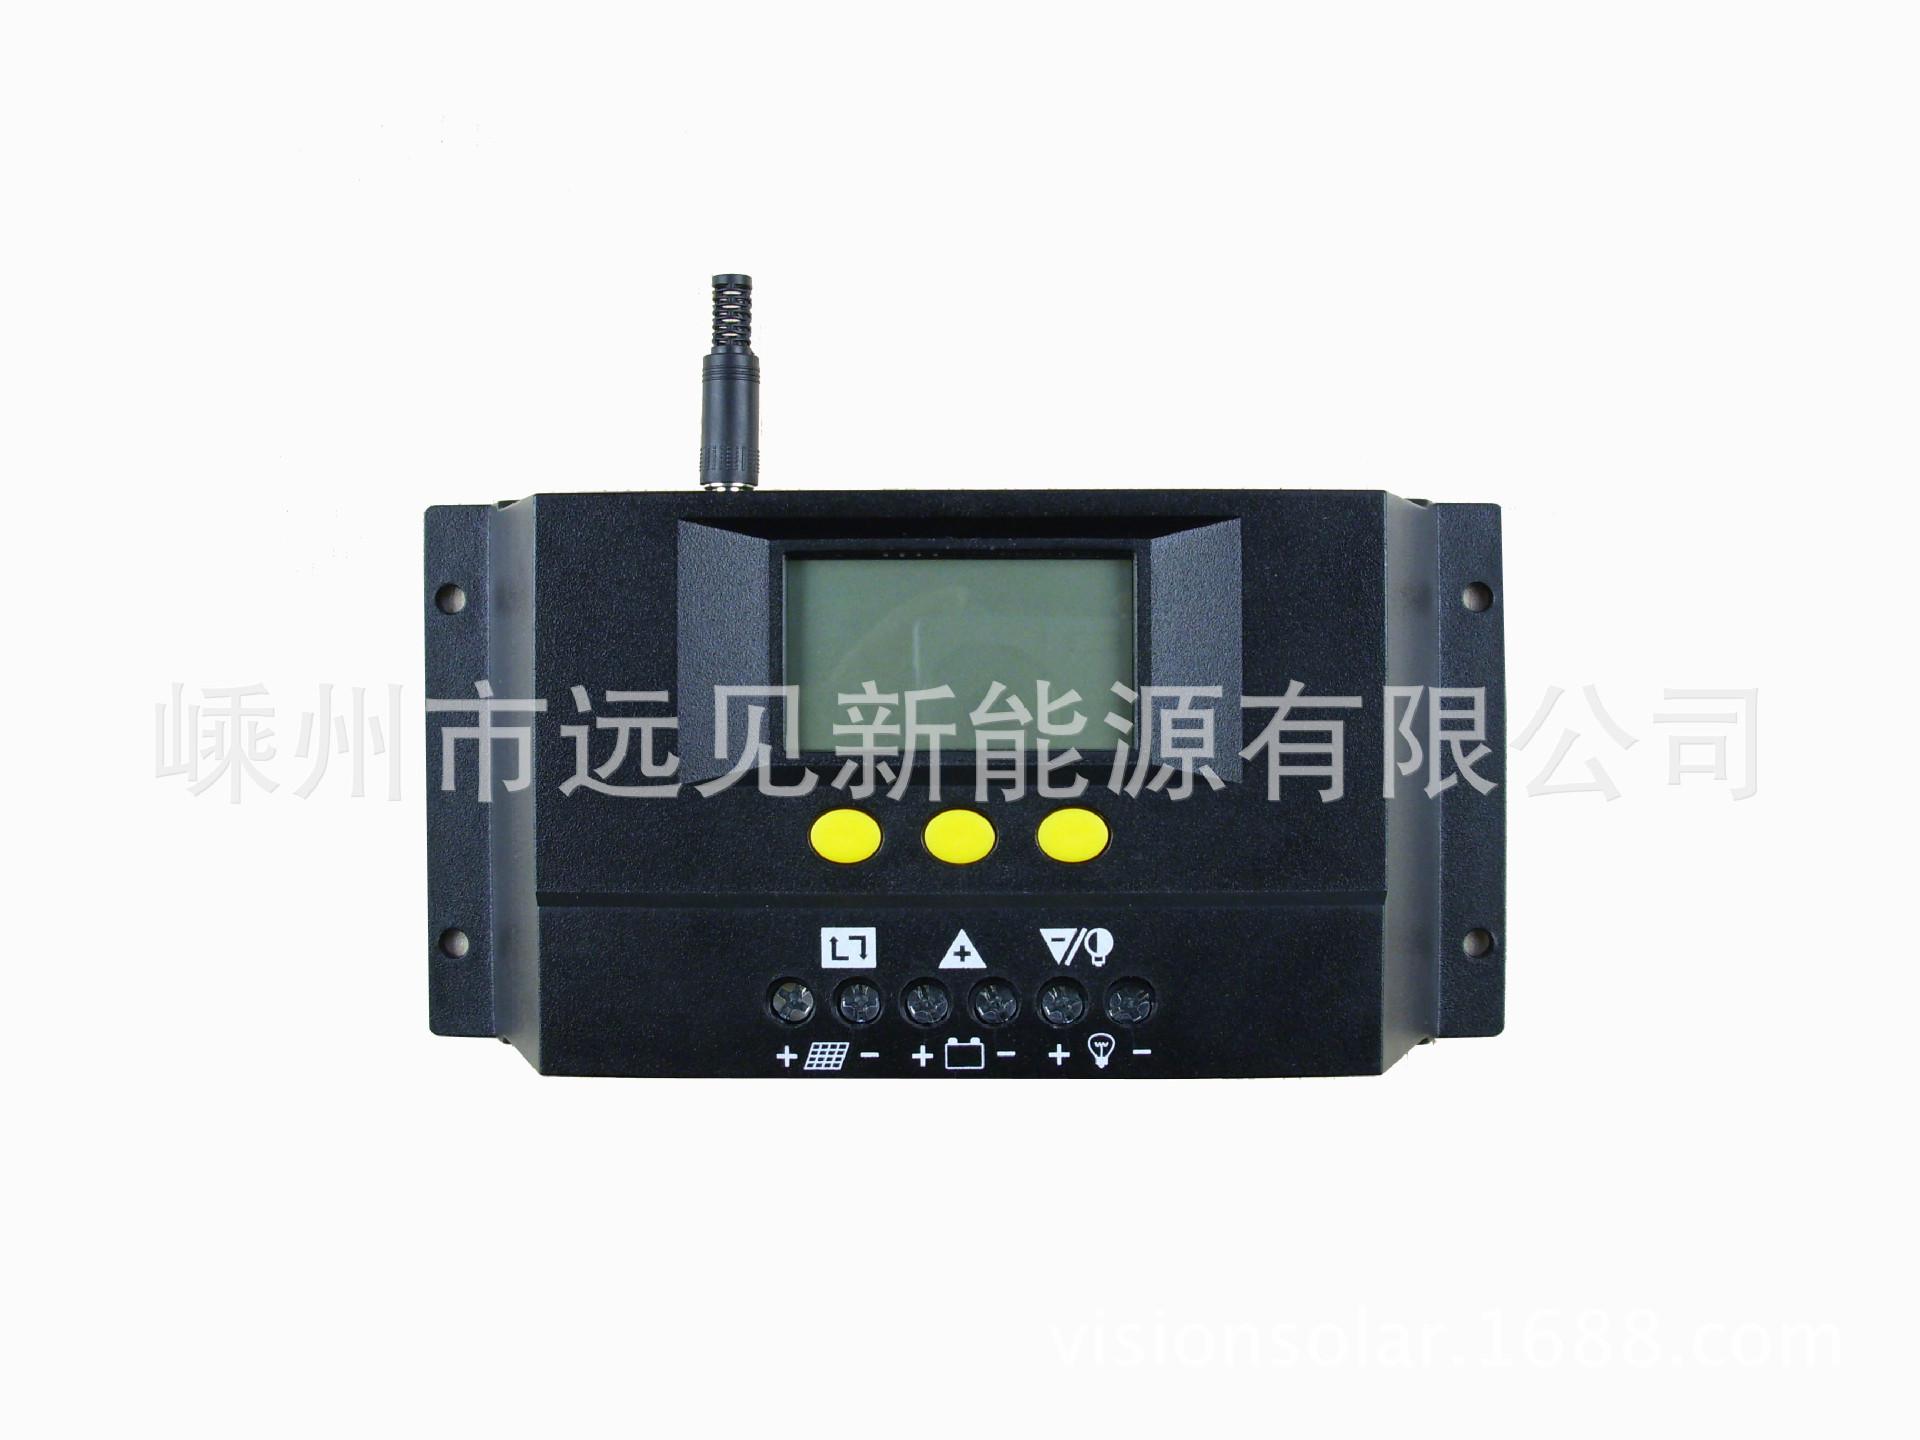 lcd液晶屏幕太阳能控制器pwm太阳能控制器